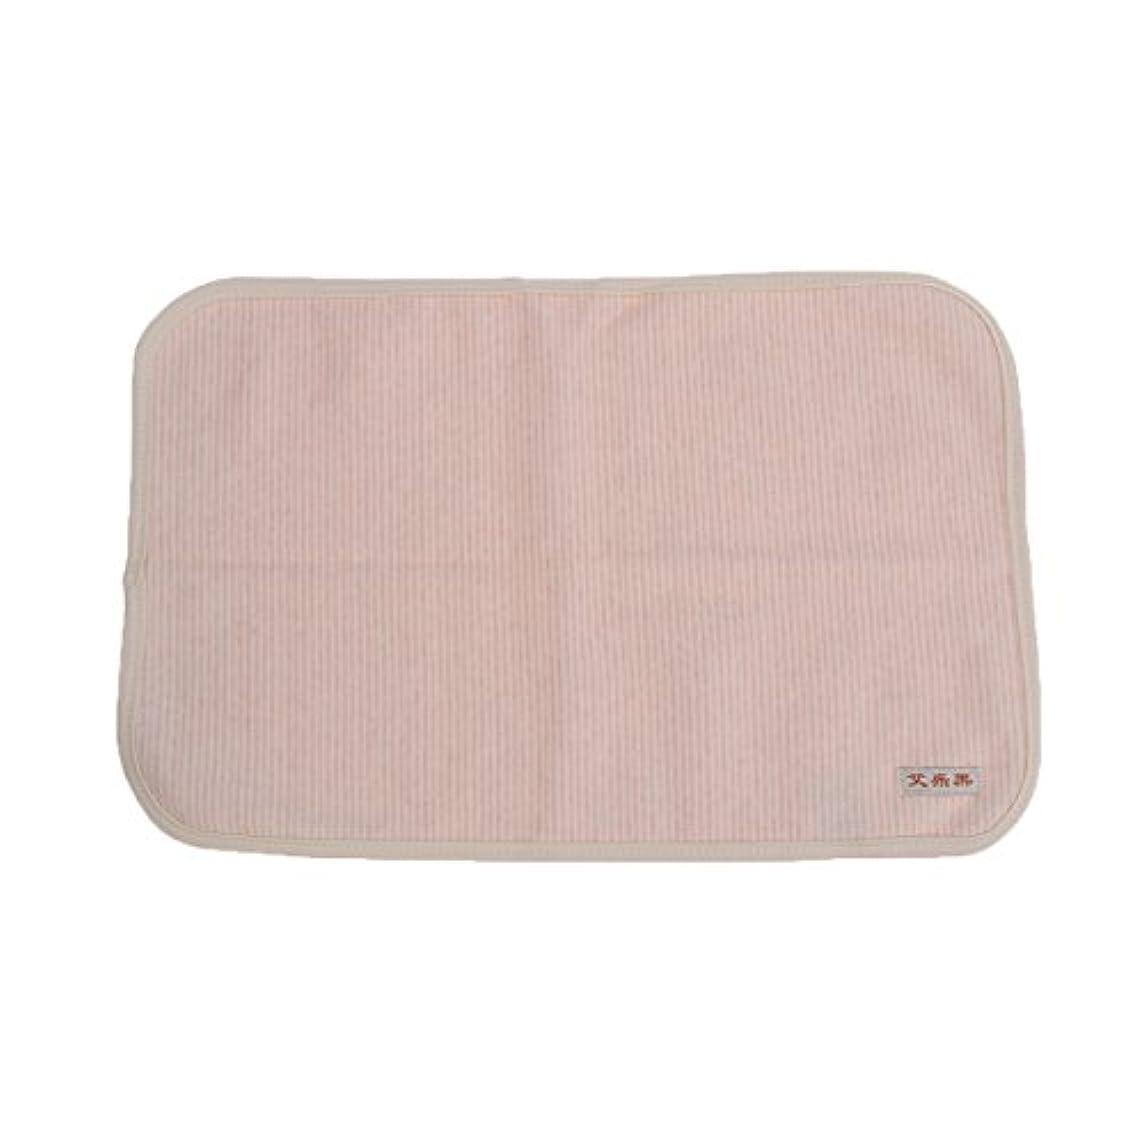 大声で顕著少しROSENICE ベッドパッド 快眠ベッドパッド 防水尿綿パッド新生児幼児ベッドパッド(30×45cm)